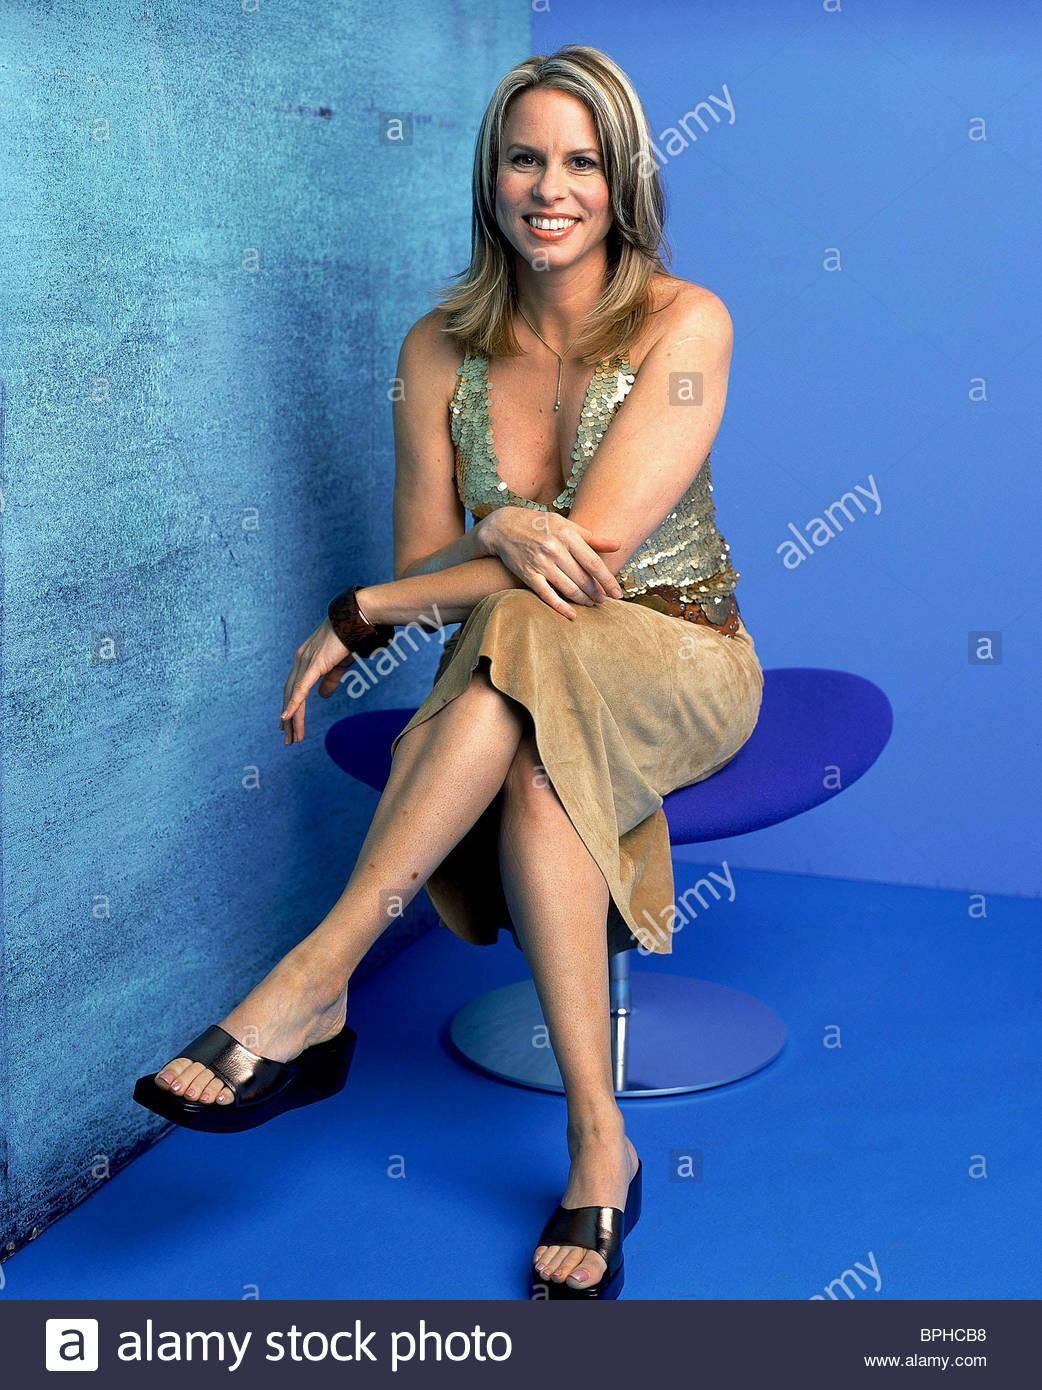 Madeline Zima born September 16, 1985 (age 33) forecasting